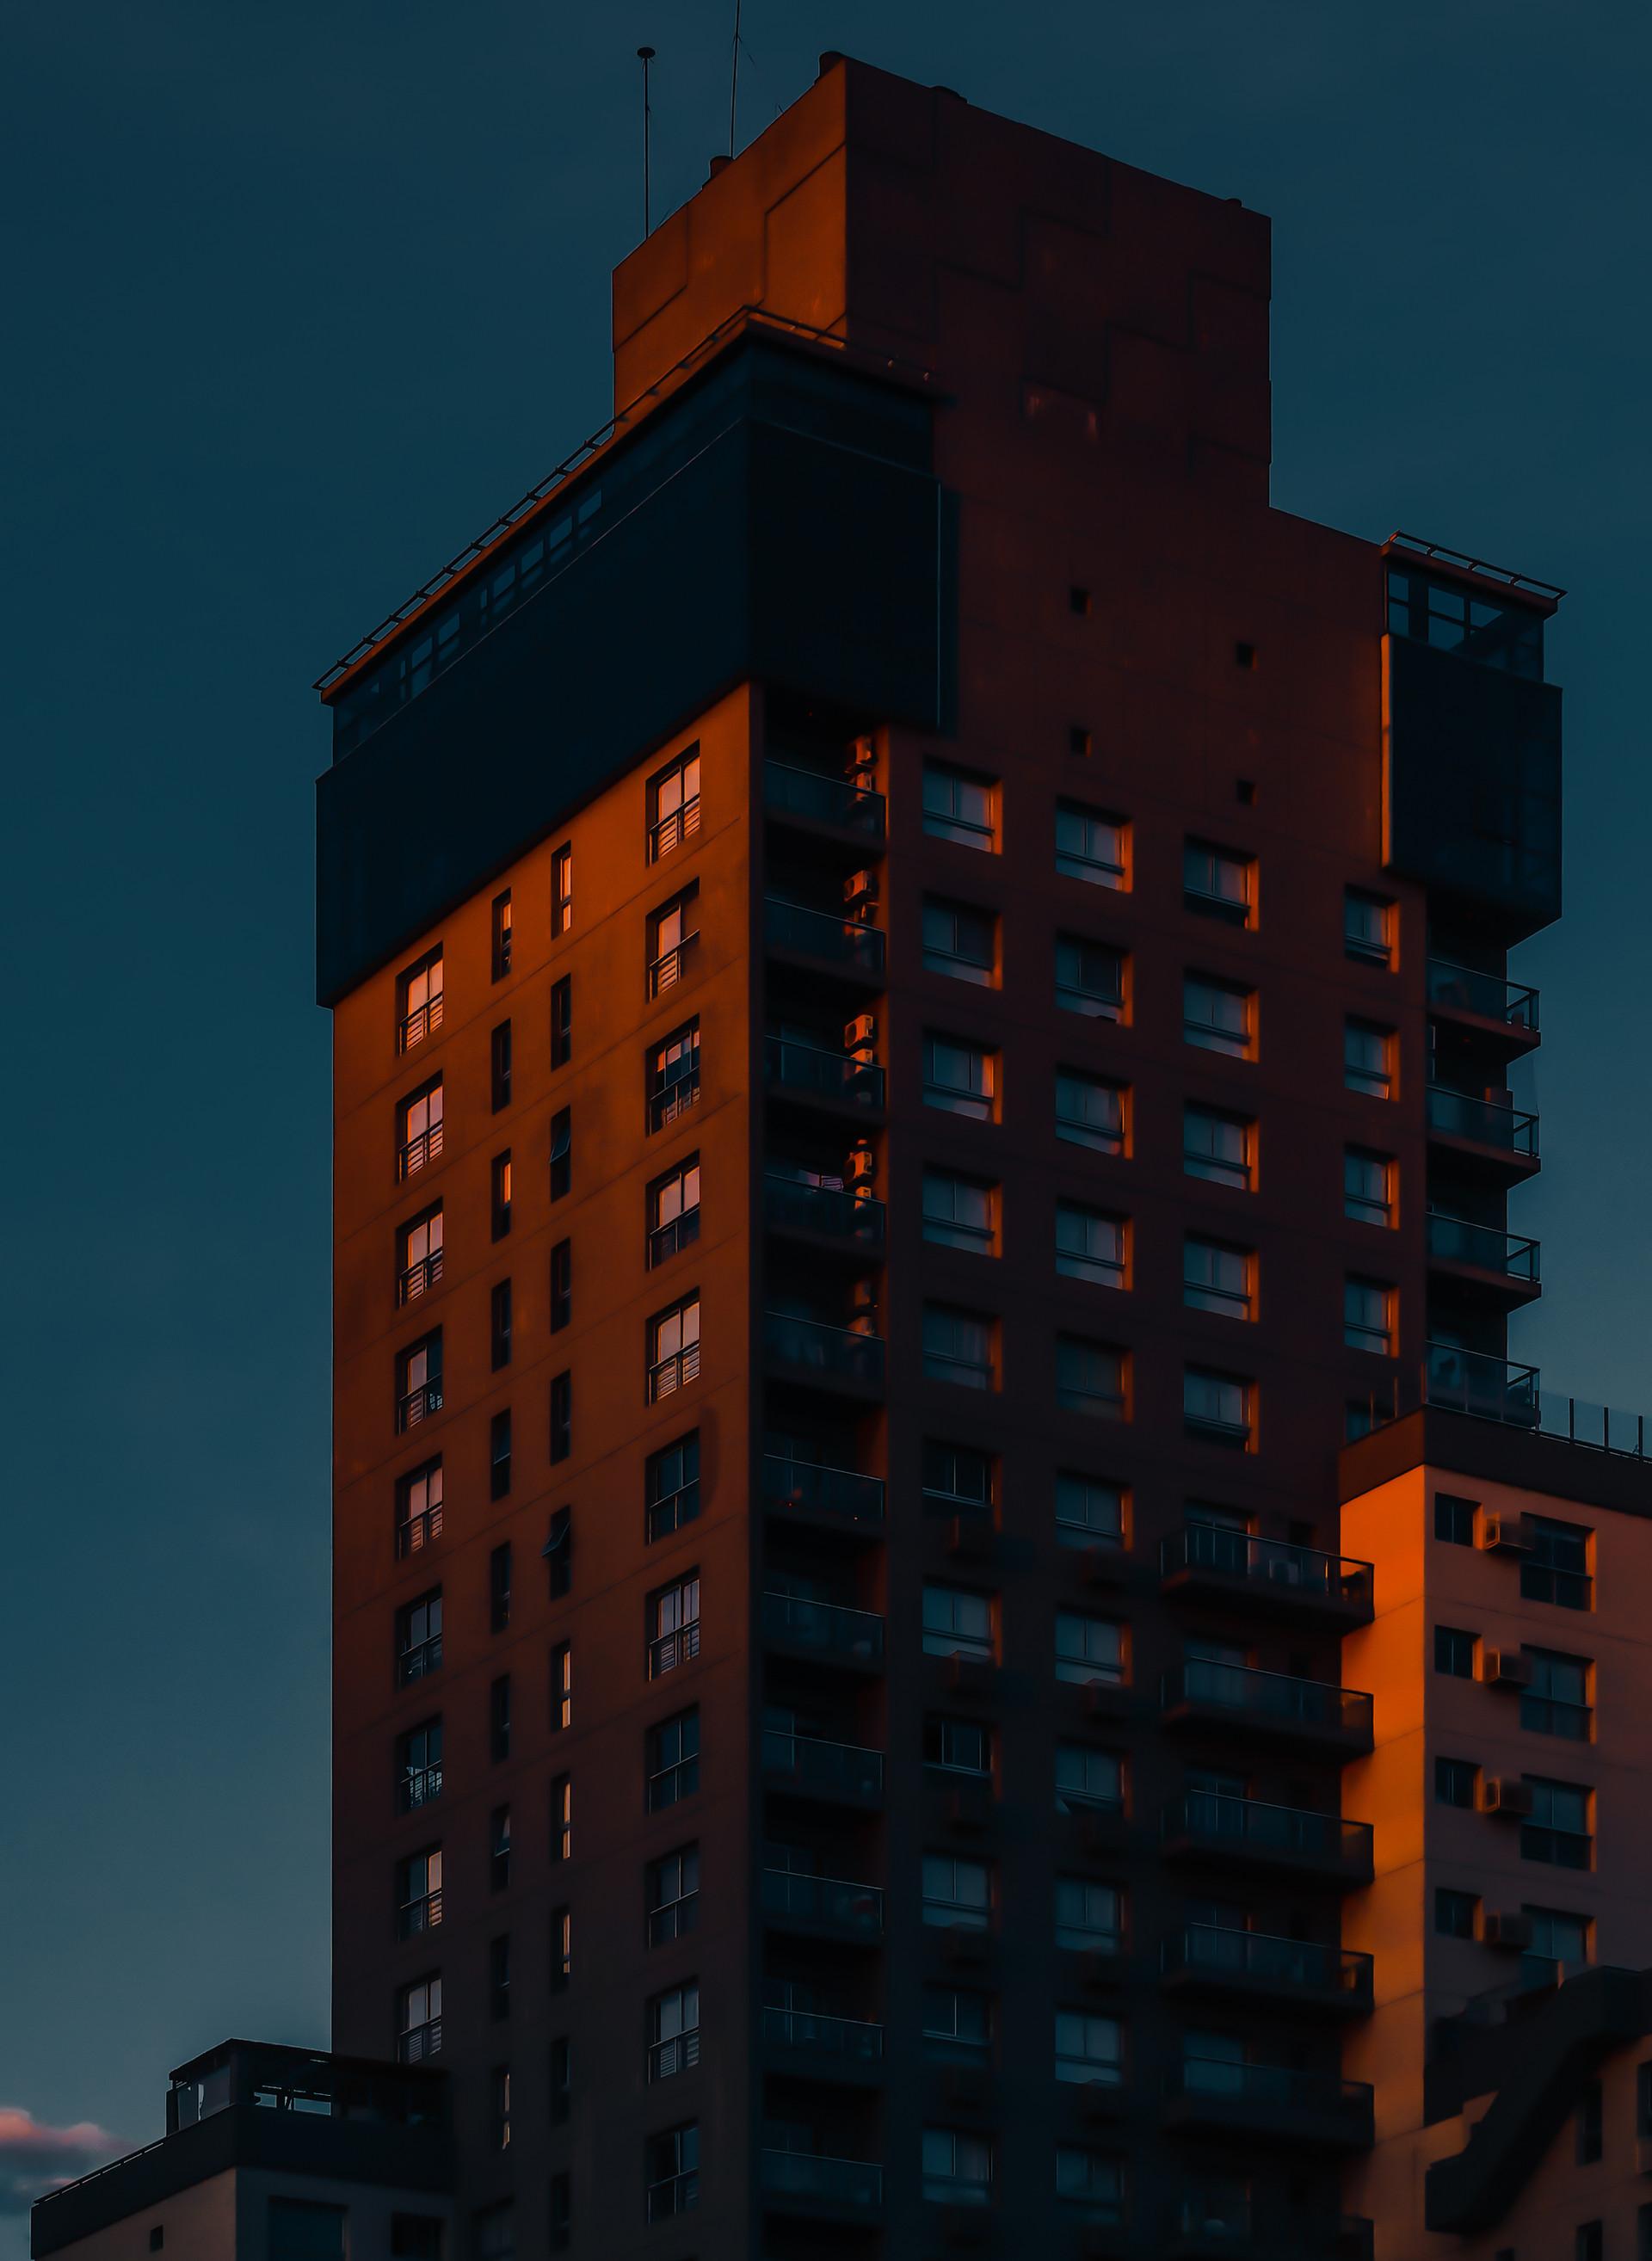 -Impasse XXVI Bloody Building v21Aeropla